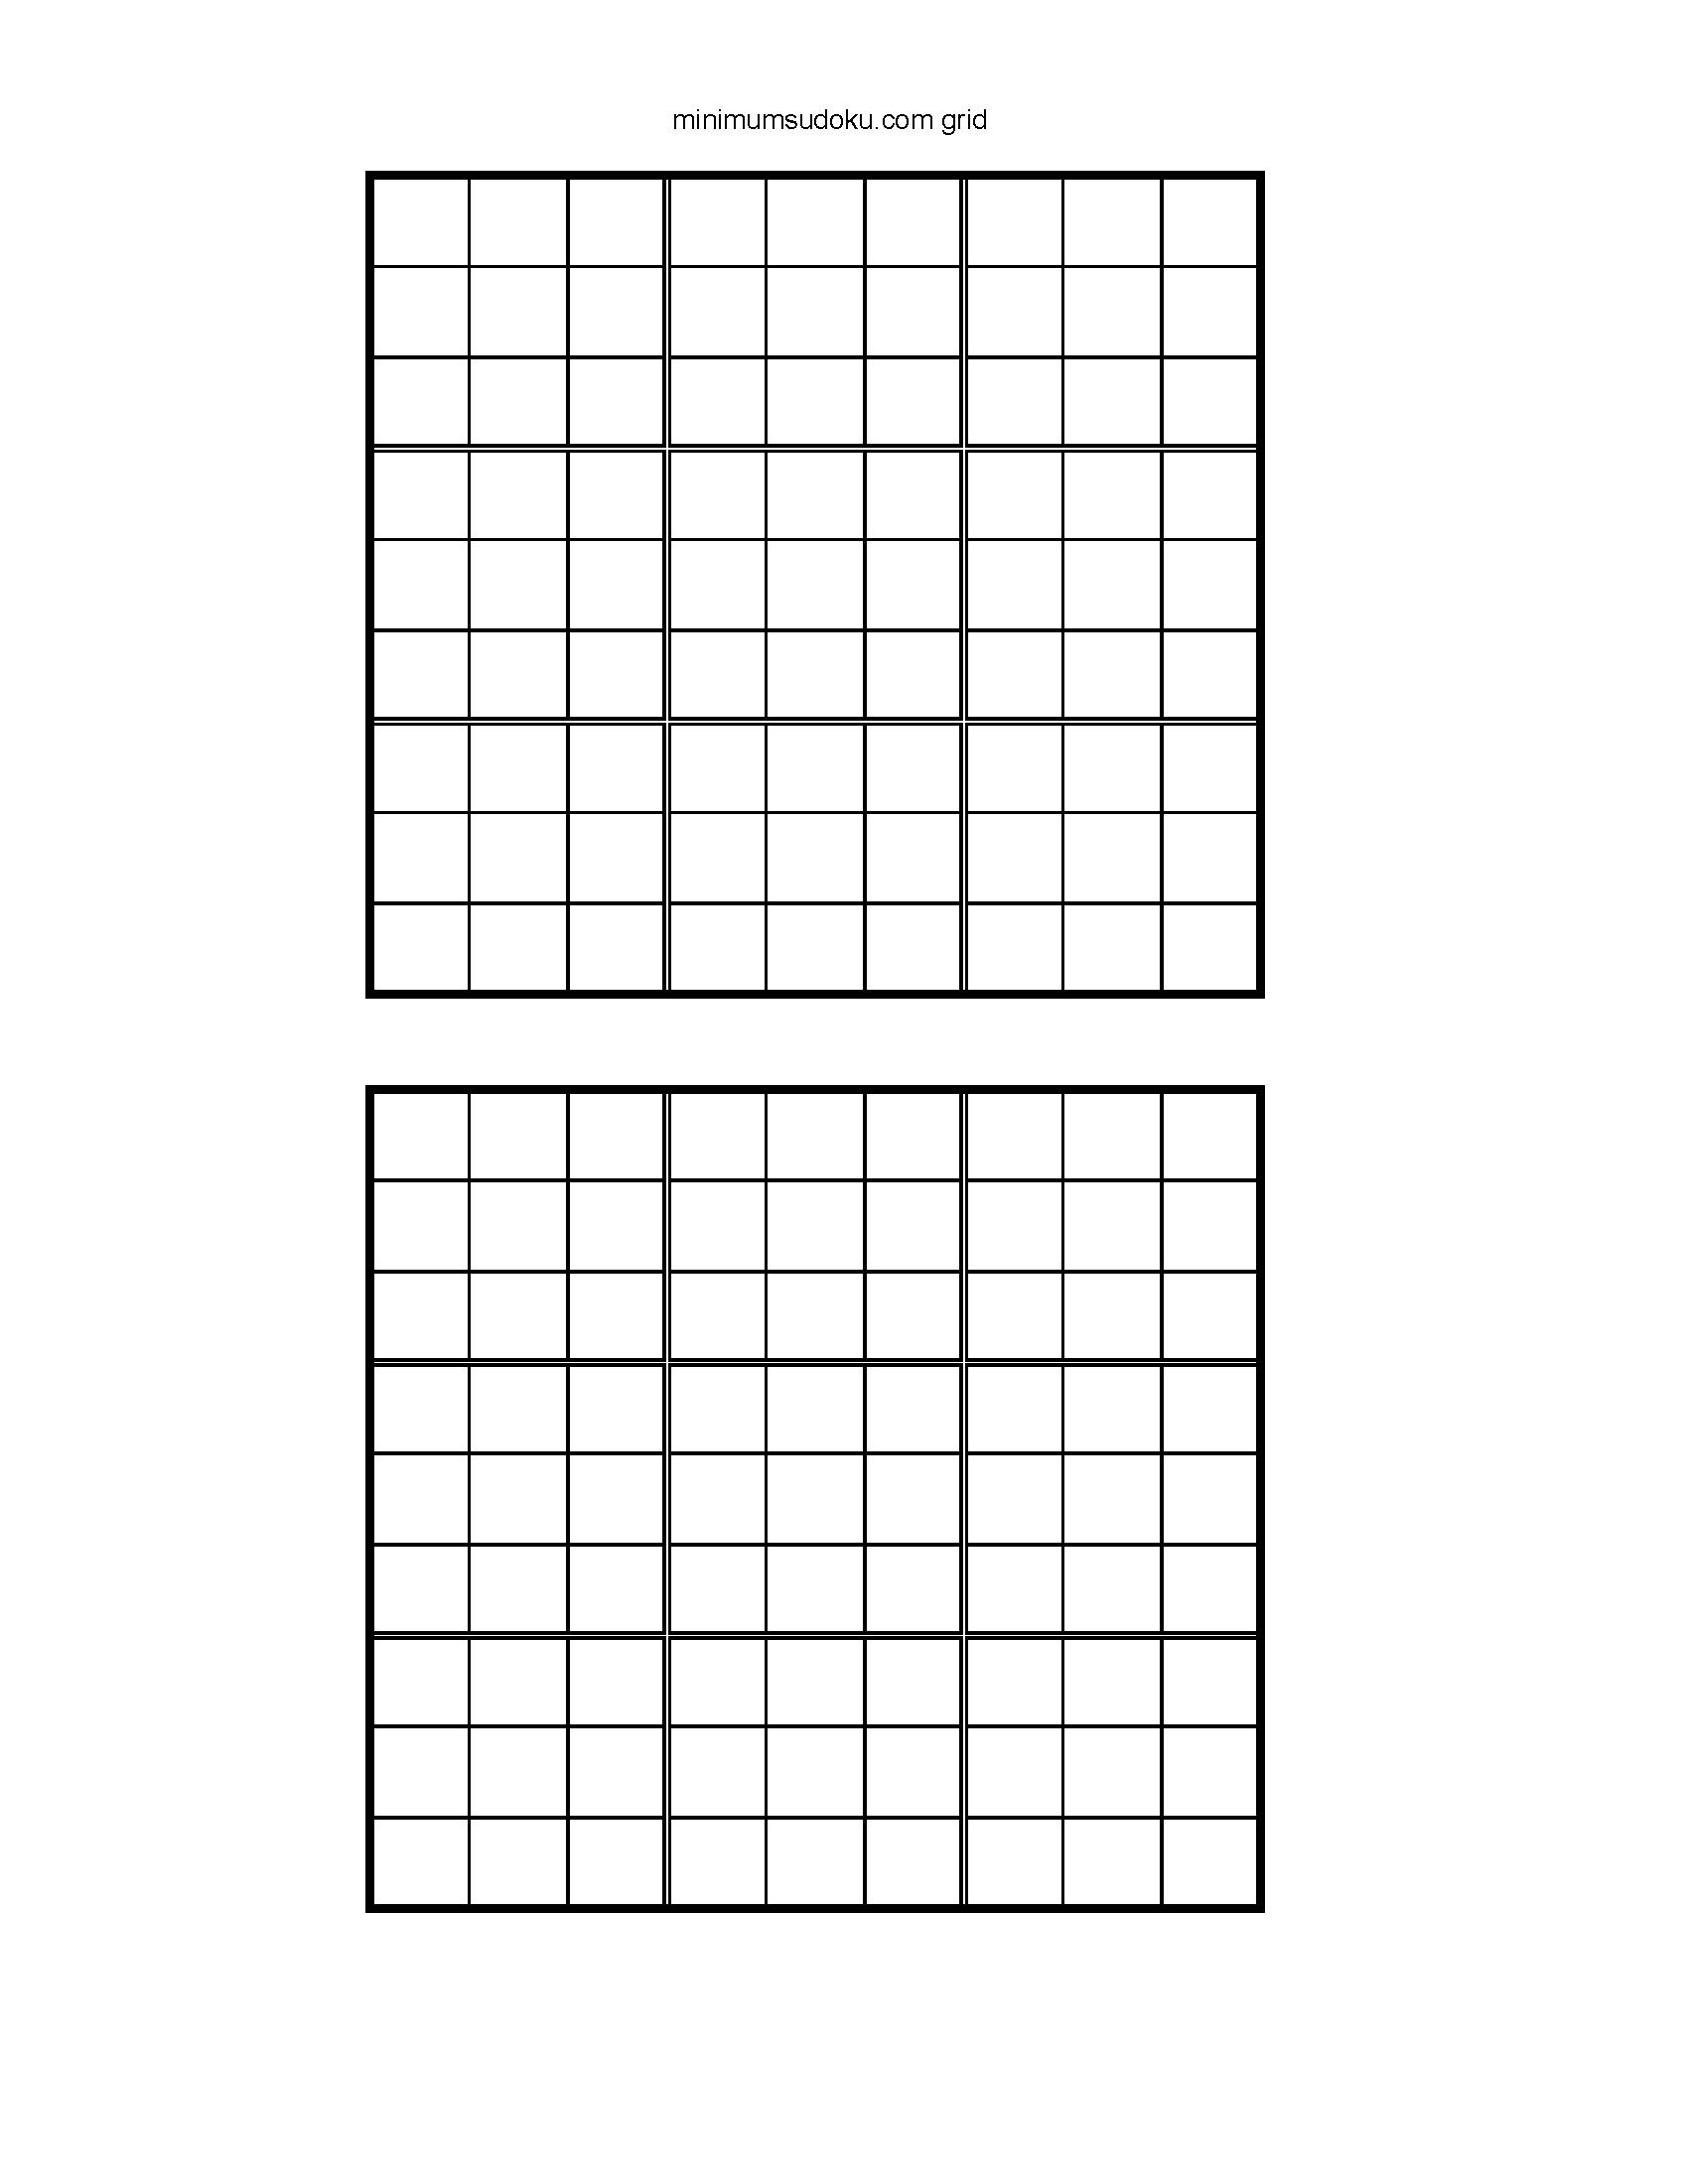 Printable Blank Sudoku Worksheet